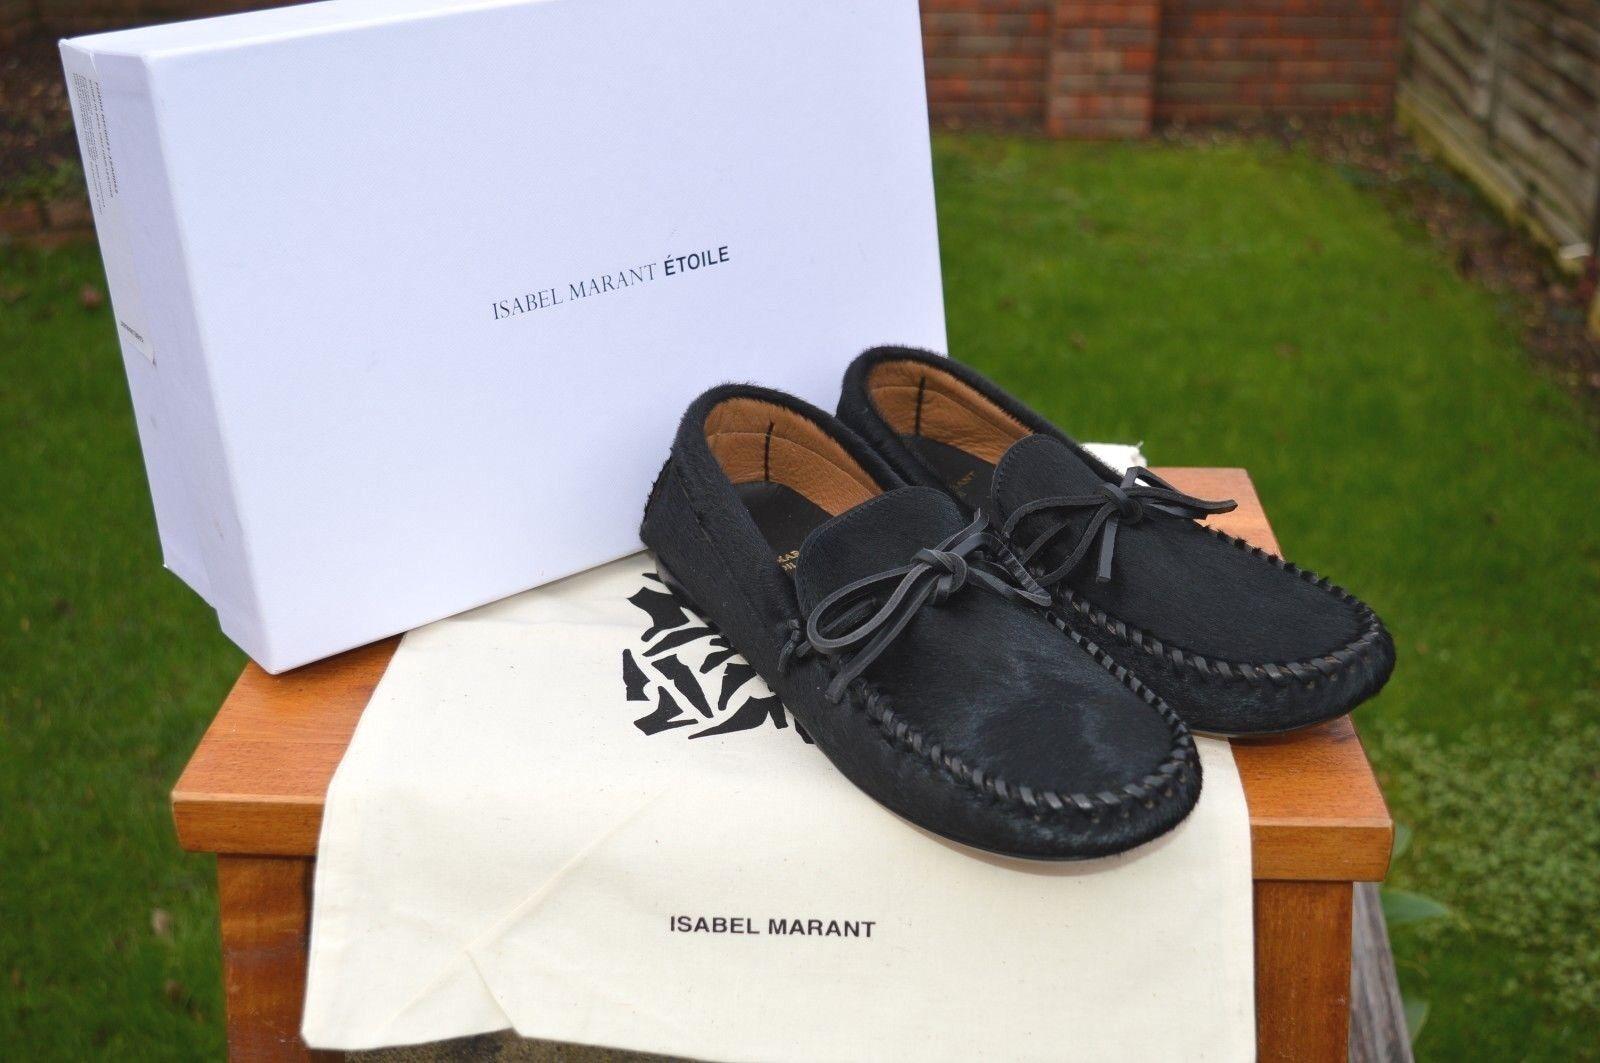 BRAND NEW Isabel Marant Étoile Pony  Fodih  shoes Moccasins UK4 EU37 US7 etoile